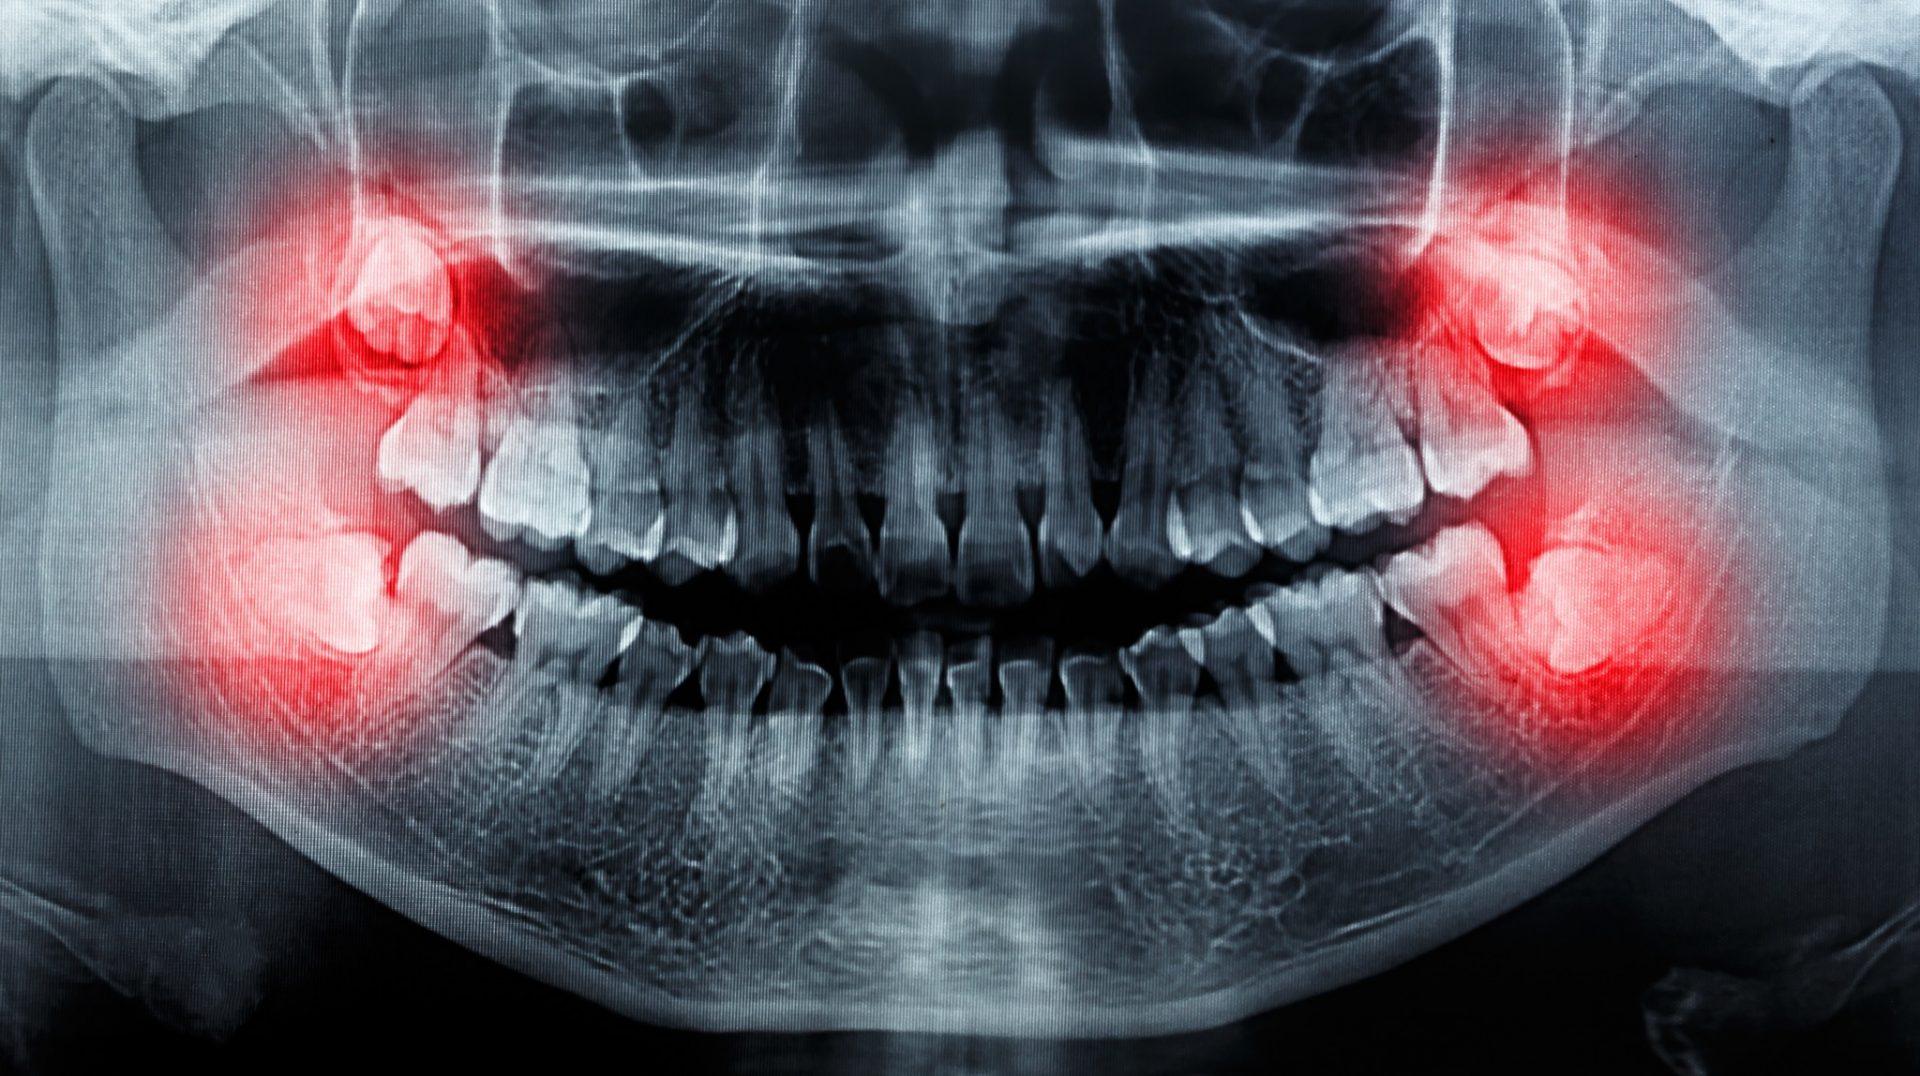 Wiesheitszähne auf einer Panoramaröntgenaufnahme